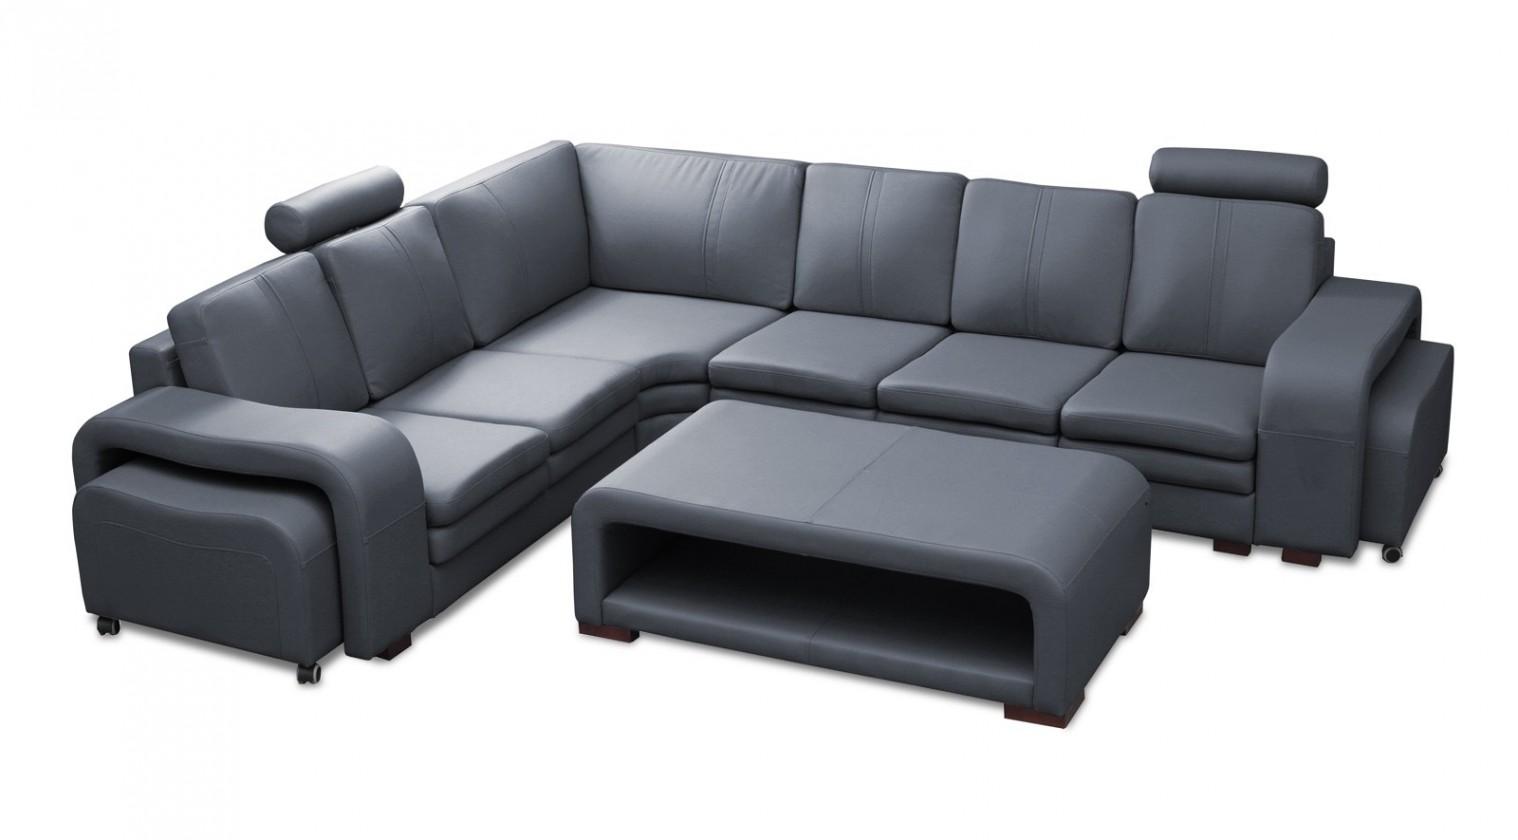 Rohová sedací souprava Rohová sedačka Soft levý roh, 2x taburet, stolek (eko kůže)